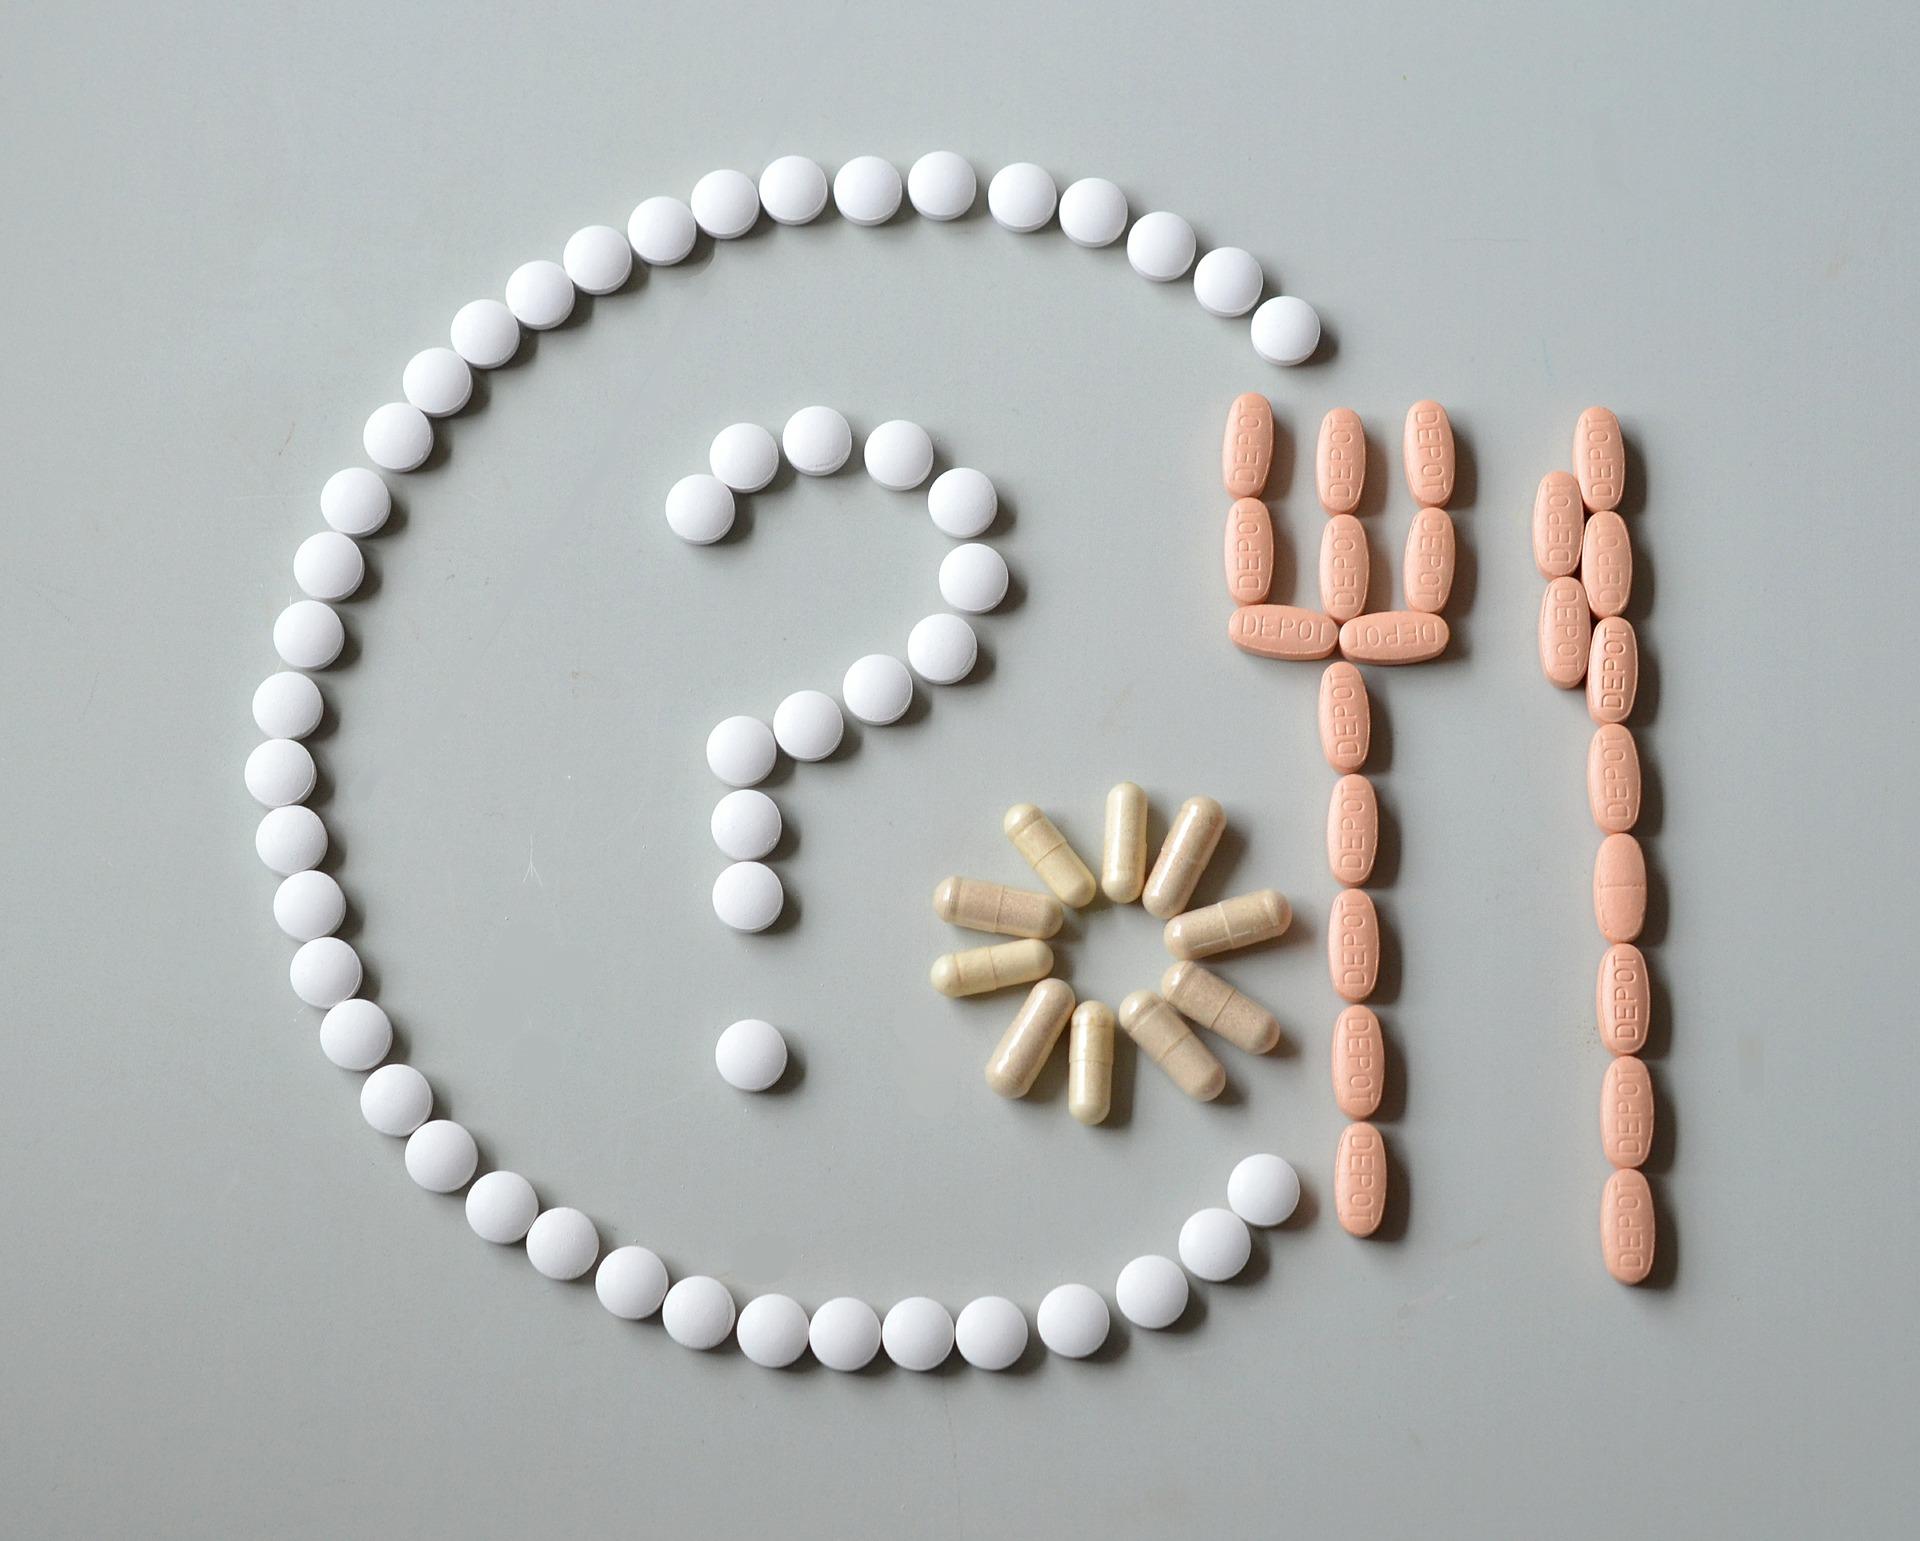 Kontrollen-f-r-Vitamine-gefordert